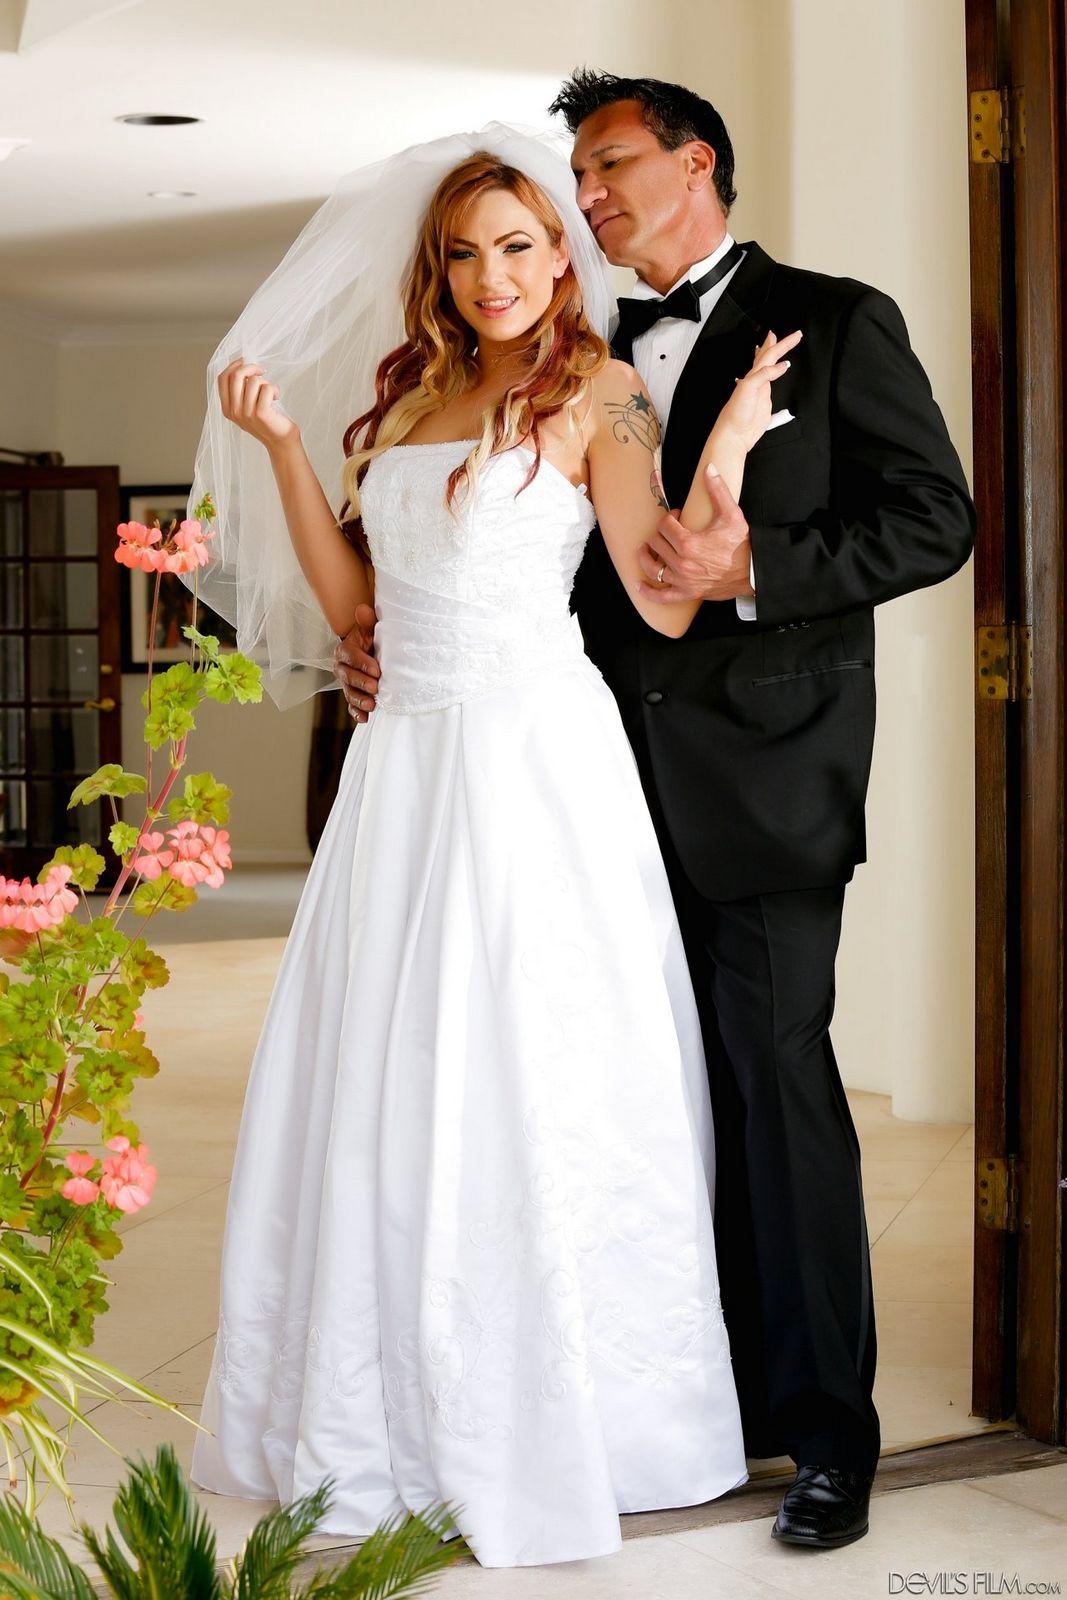 Смотреть невеста женихом онлайн